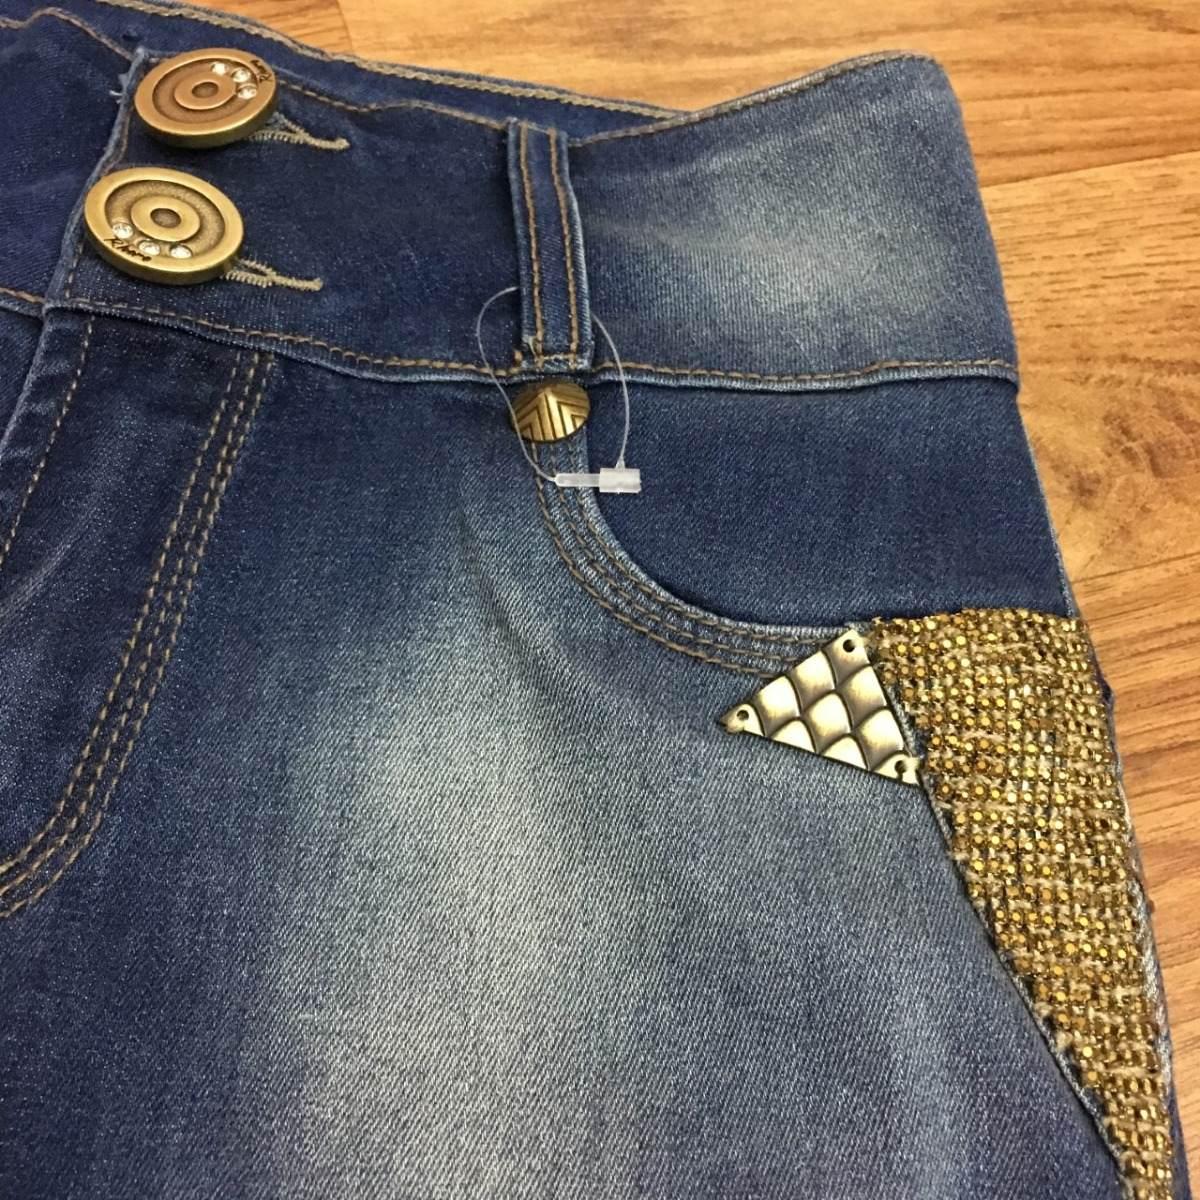 405f31f1a calça rhero jeans promoção bojo strass estilo pitbull lycra. Carregando zoom .